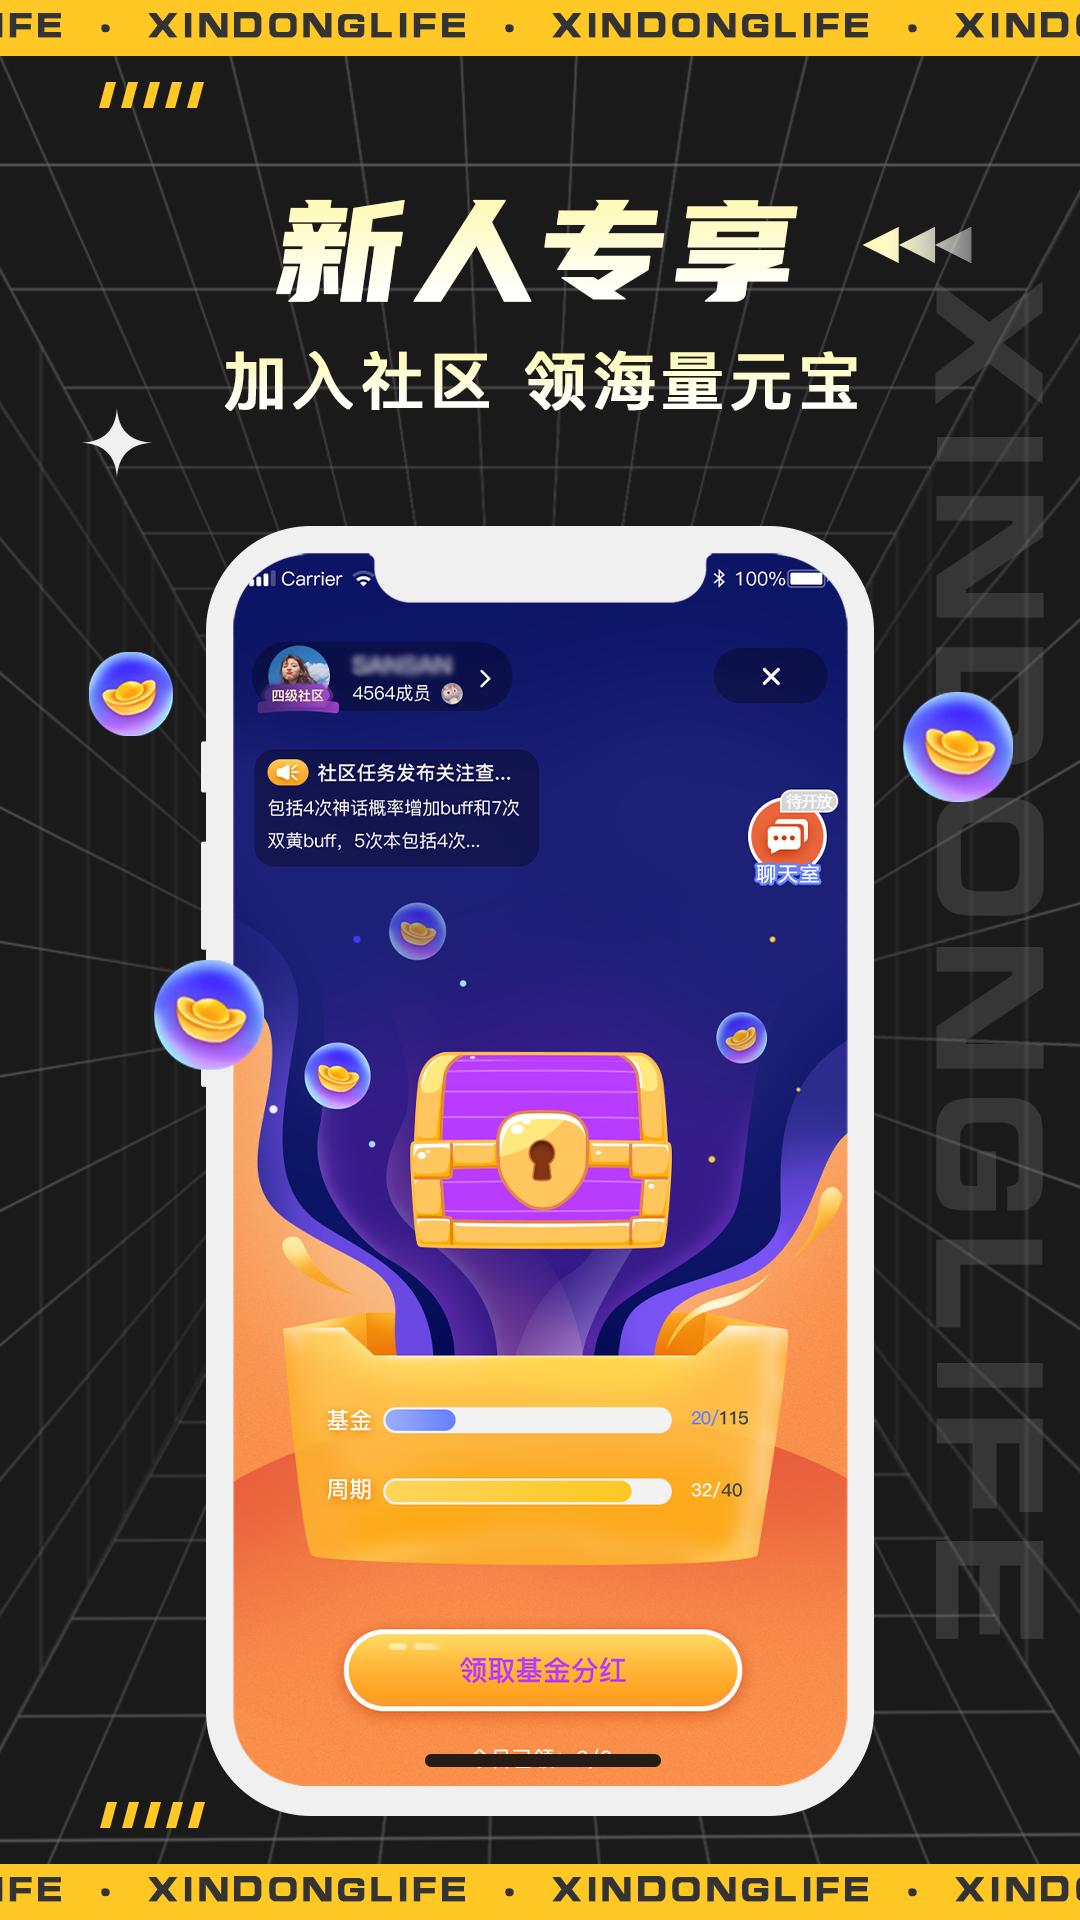 心动生活v1.0.1 最新版